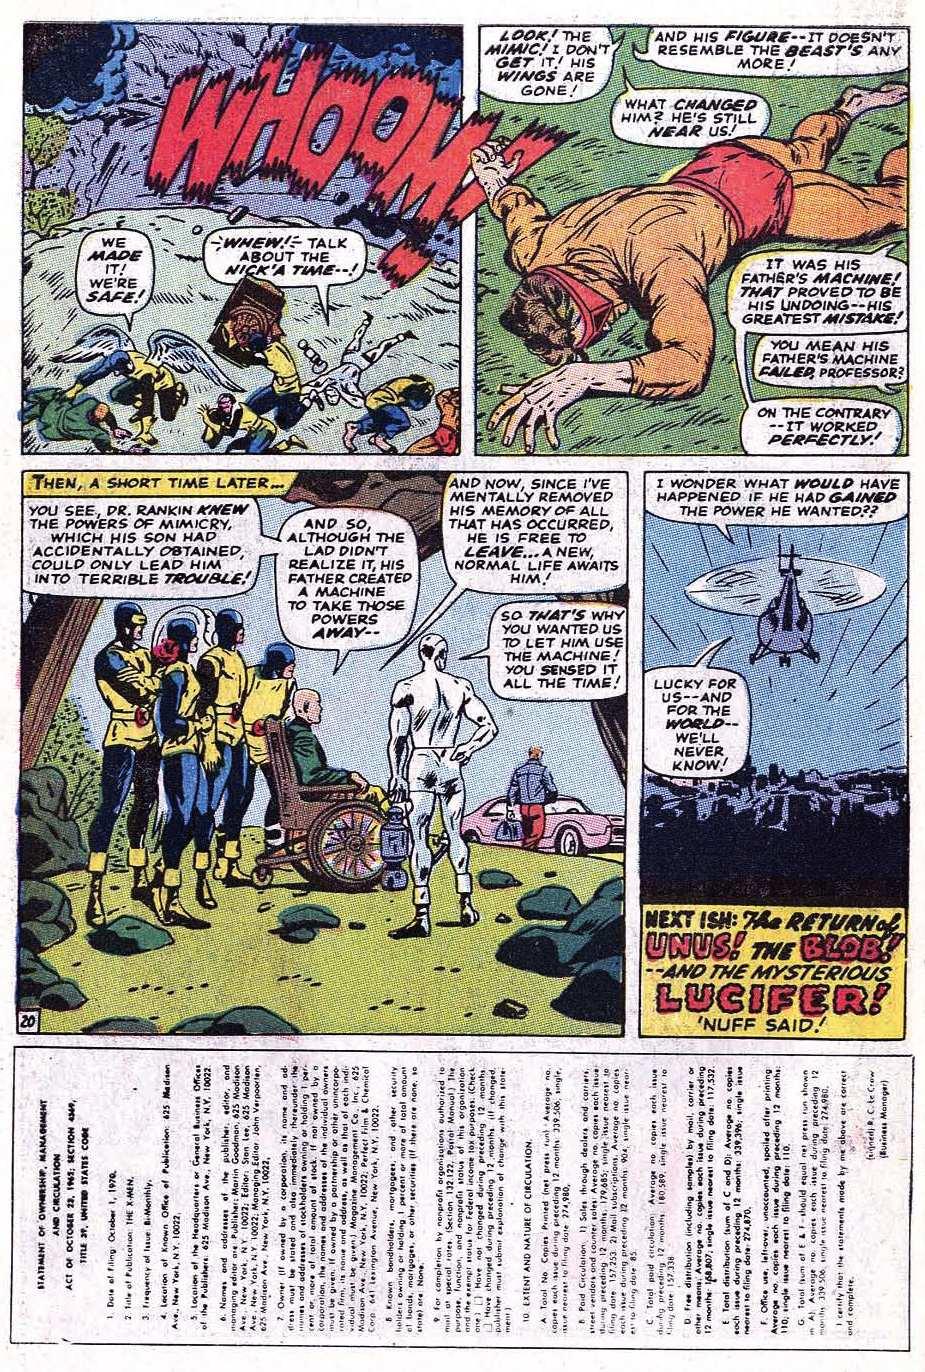 Read online Uncanny X-Men (1963) comic -  Issue #69 - 50